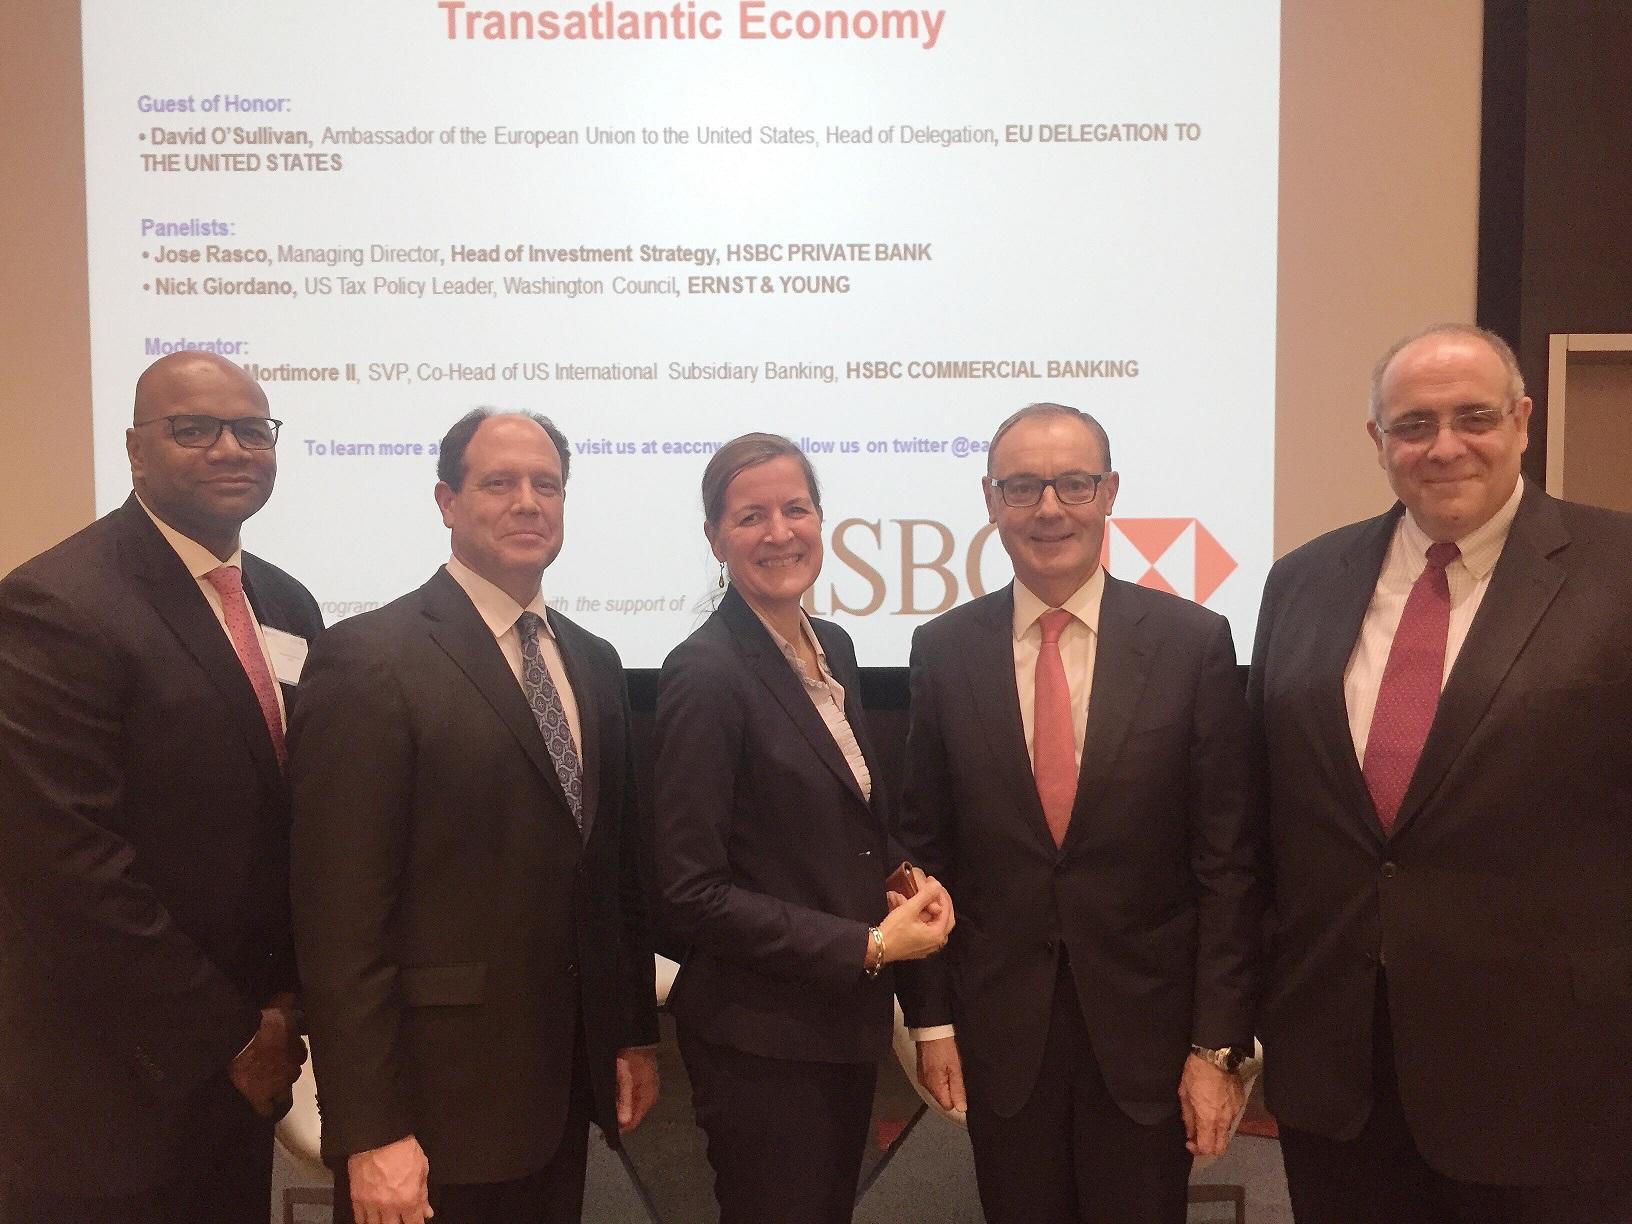 groupeacc-hsbc-transatlantic-economy-sm